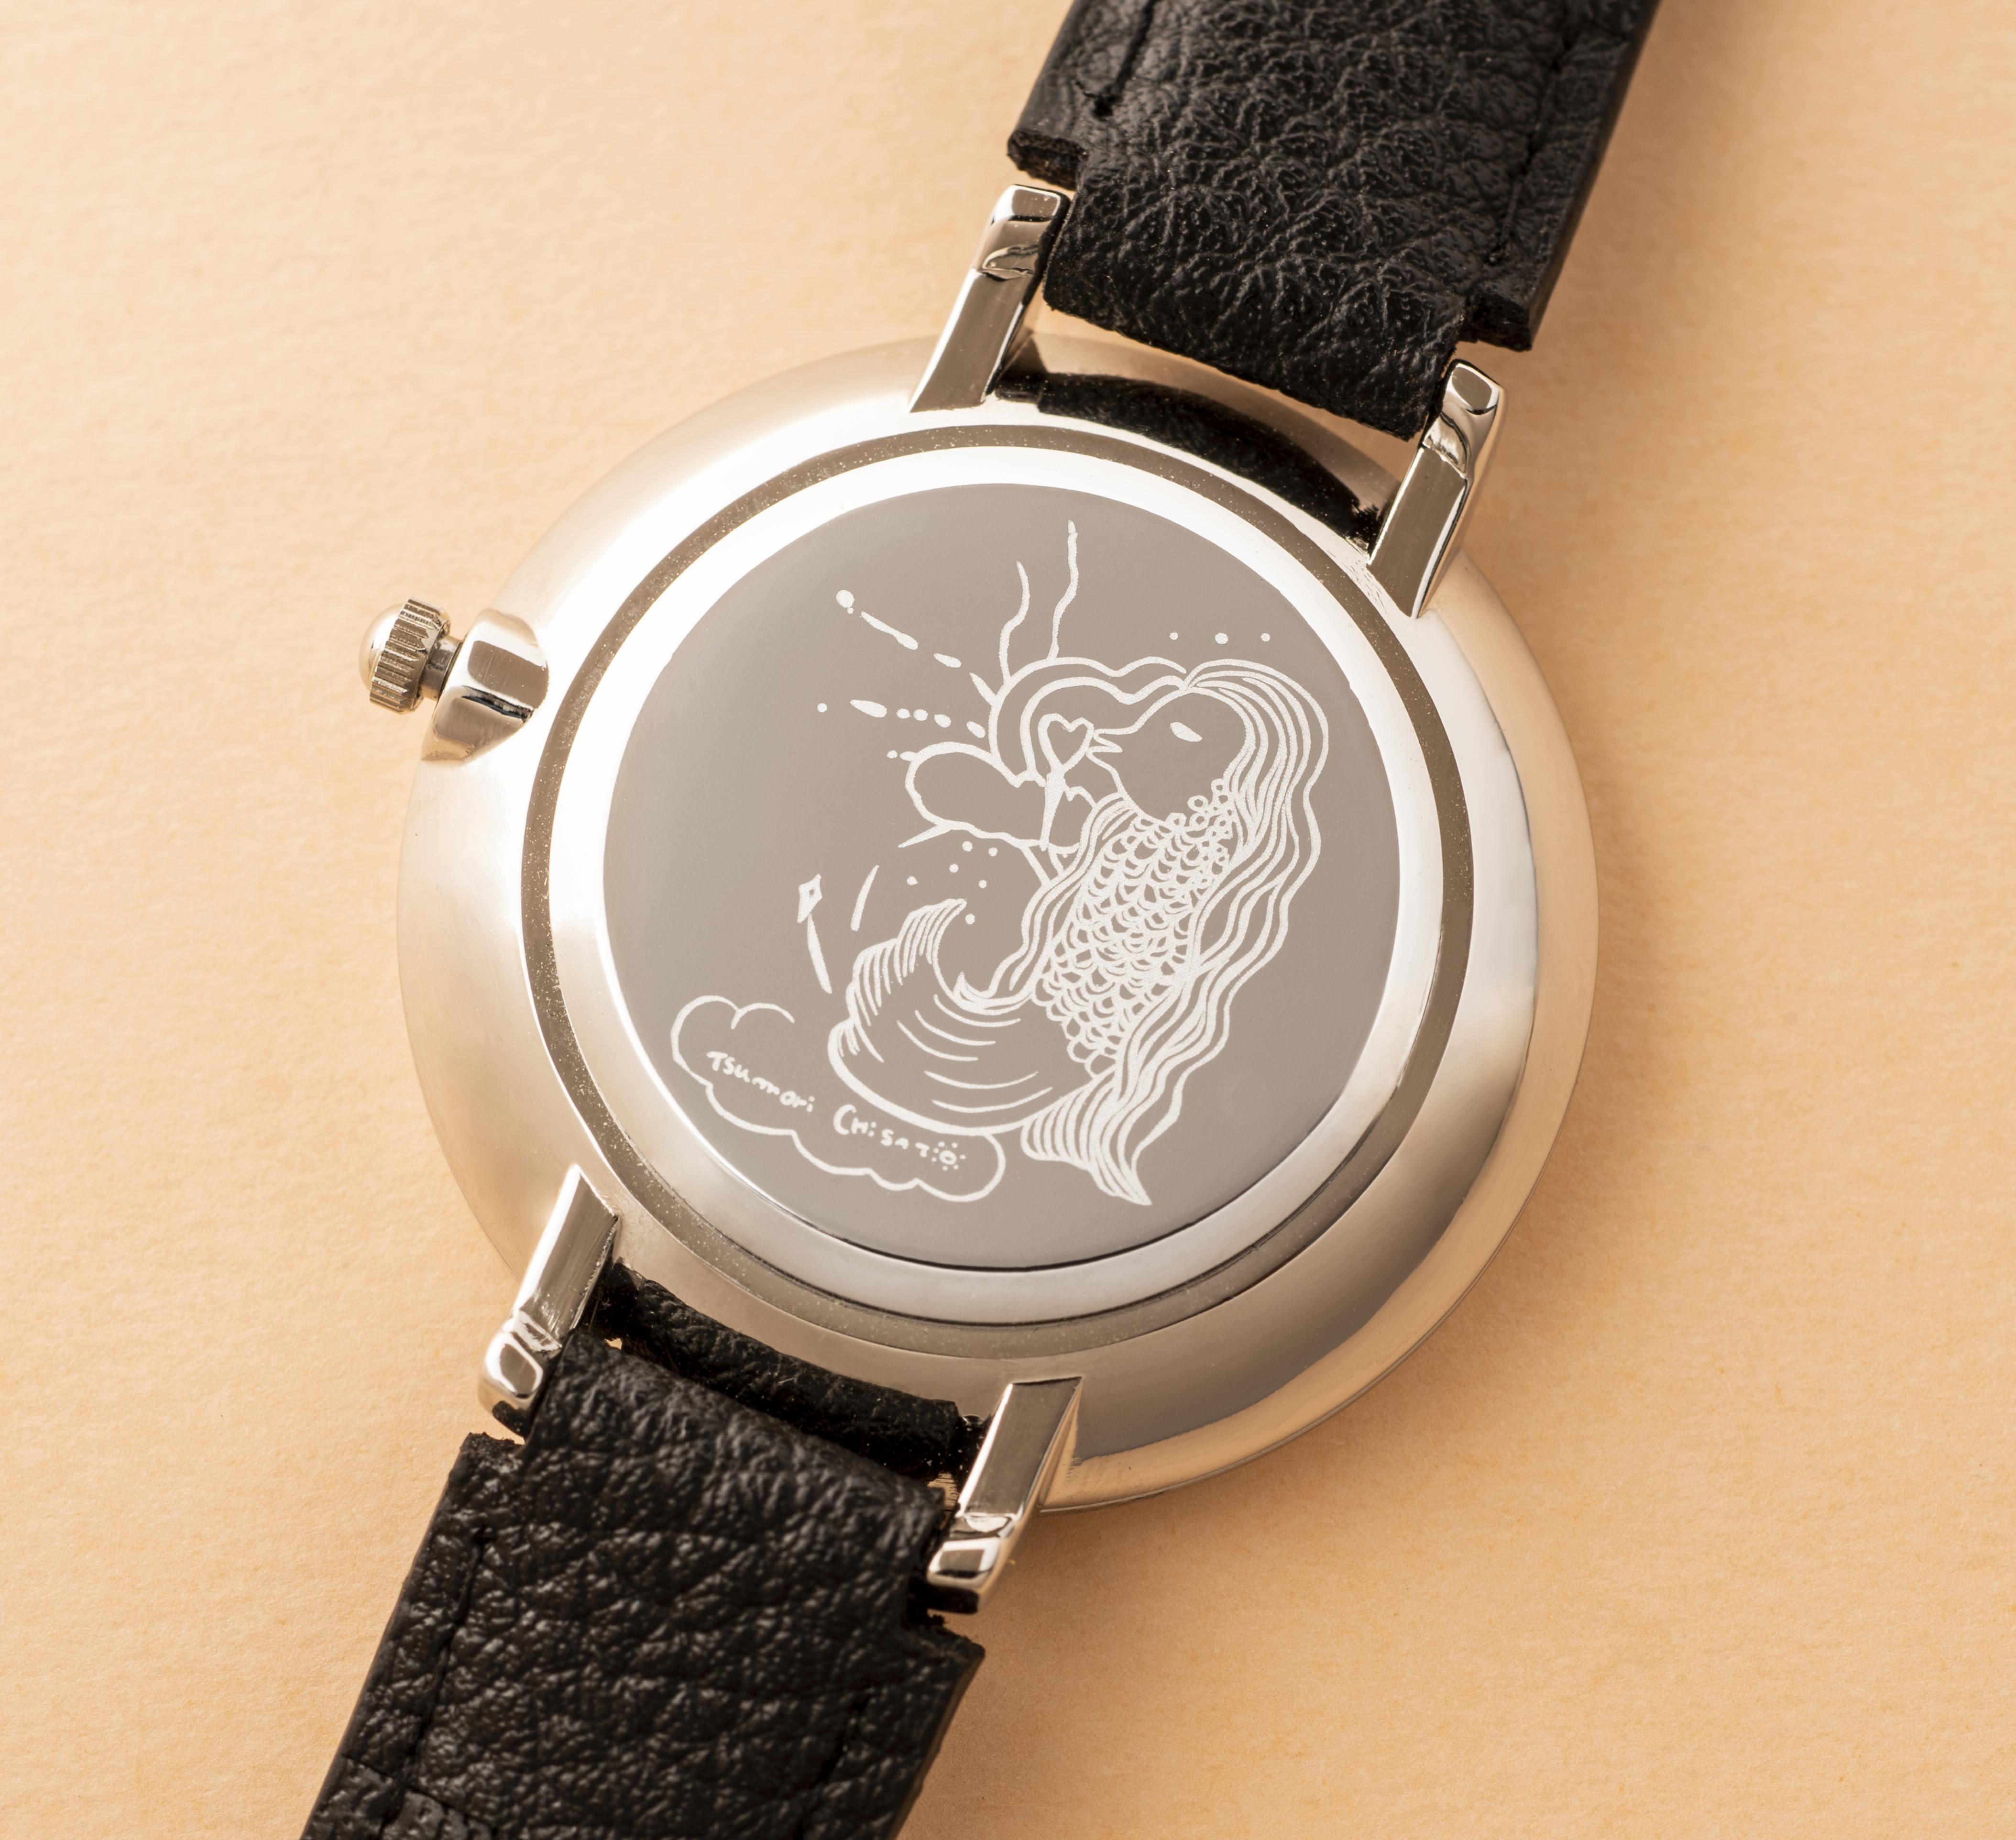 画像は、ツモリチサトの腕時計の盤面の後ろに描かれたアマビエのイラスト